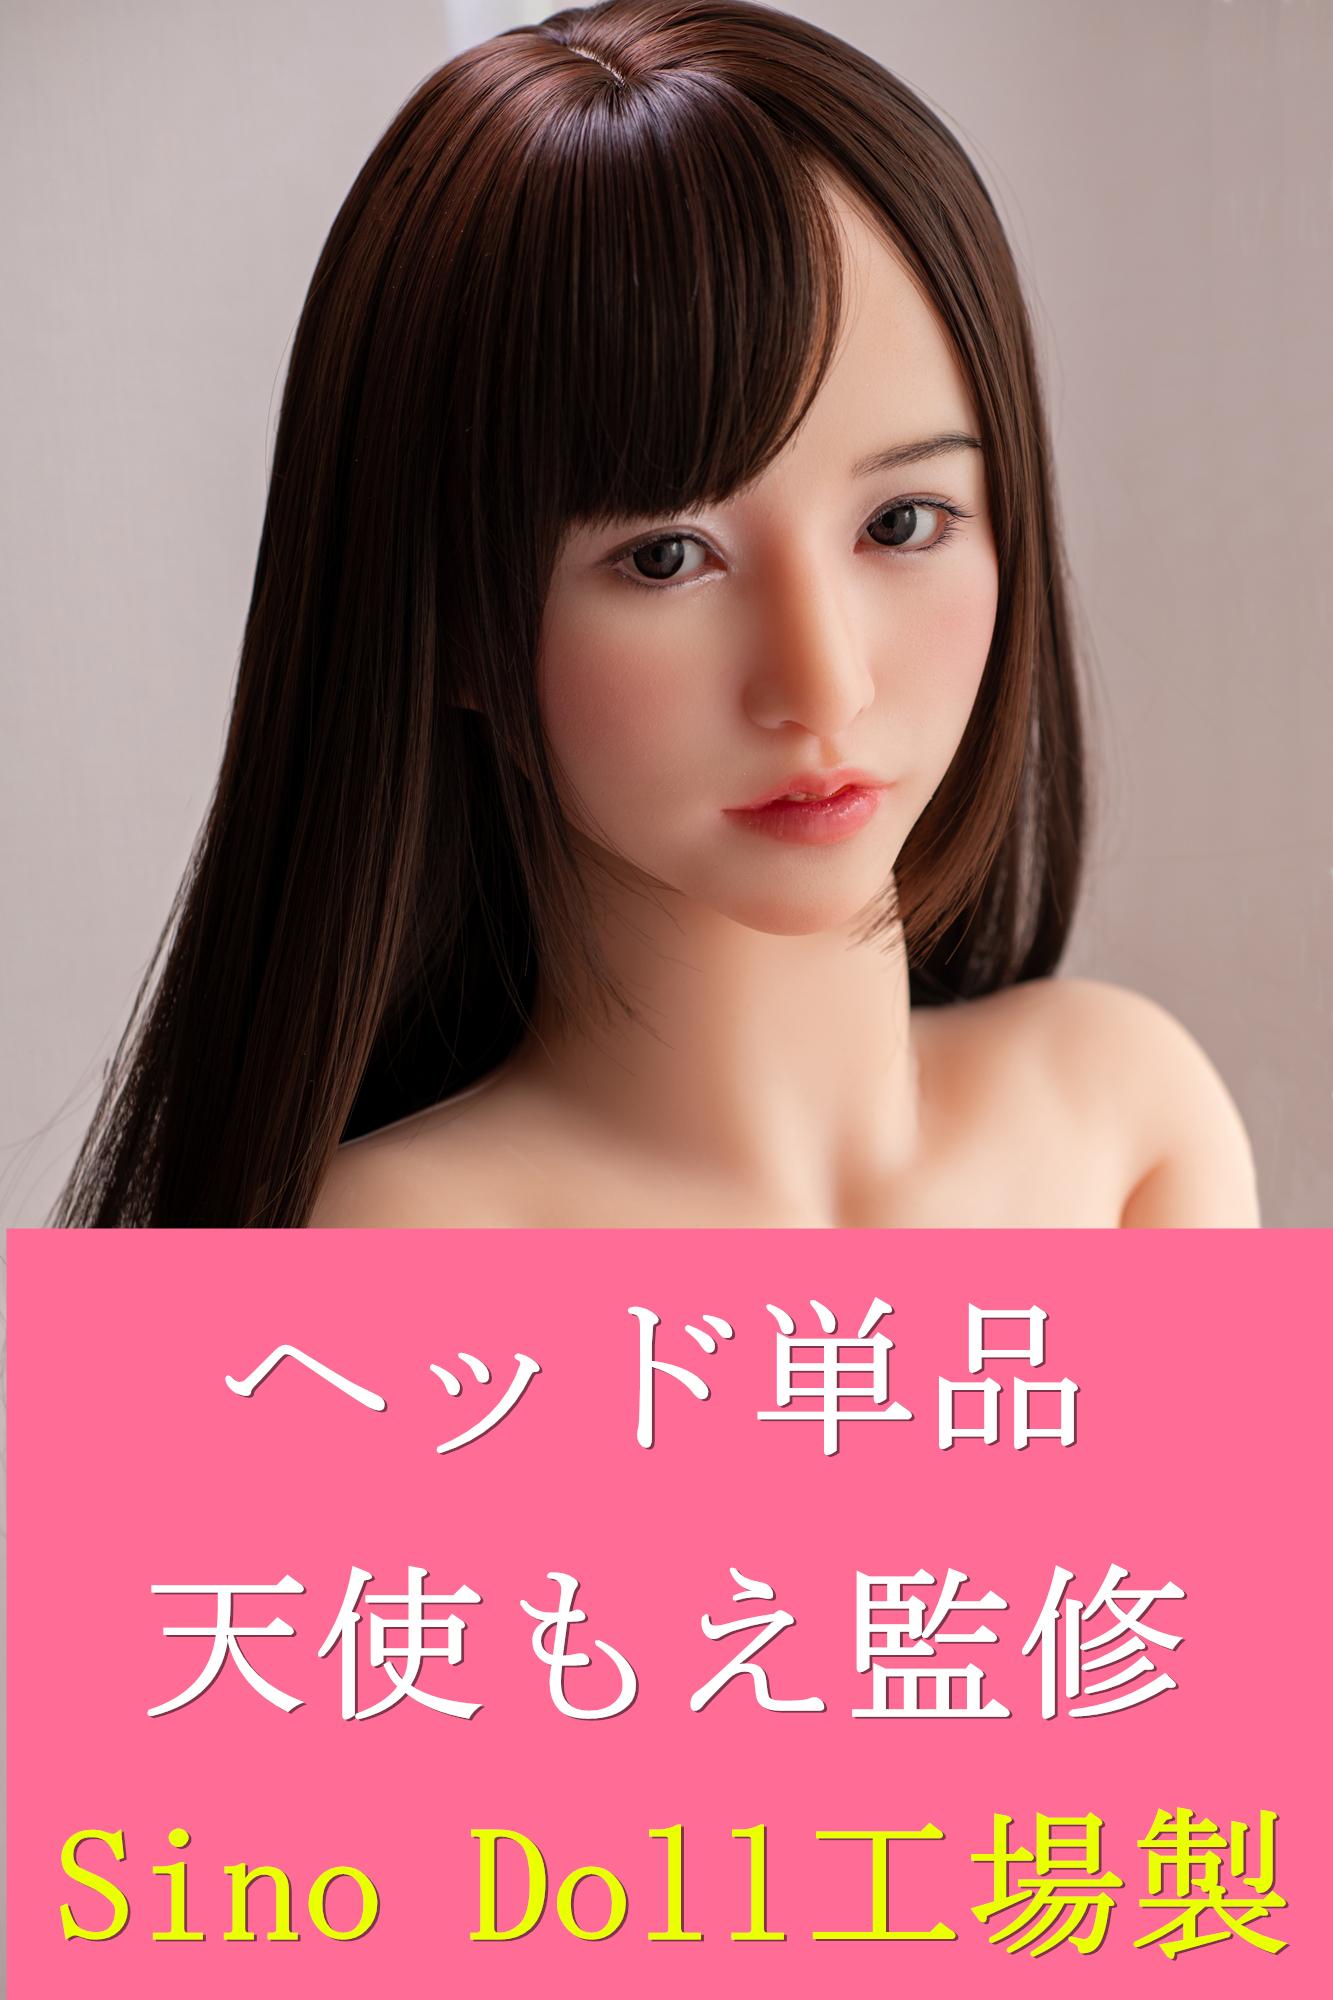 柔らかい頭部のみ 天使もえ監修ラブドールのヘッド単品  超リアル シリコン材質 RSメイク(有名なSino Doll工場製)